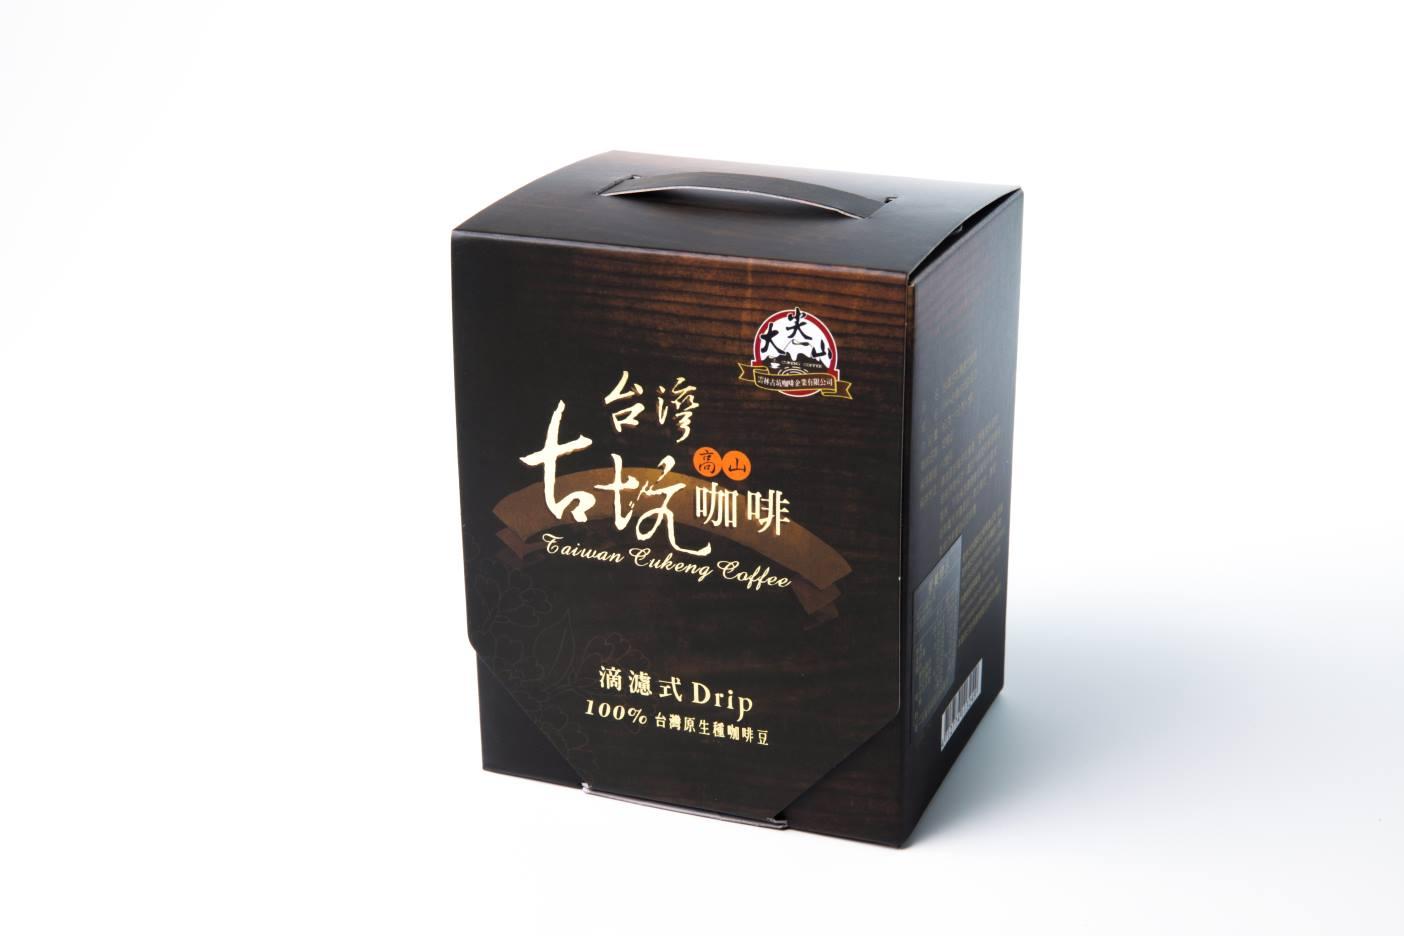 【TGC】台灣古坑濾掛式咖啡 5包